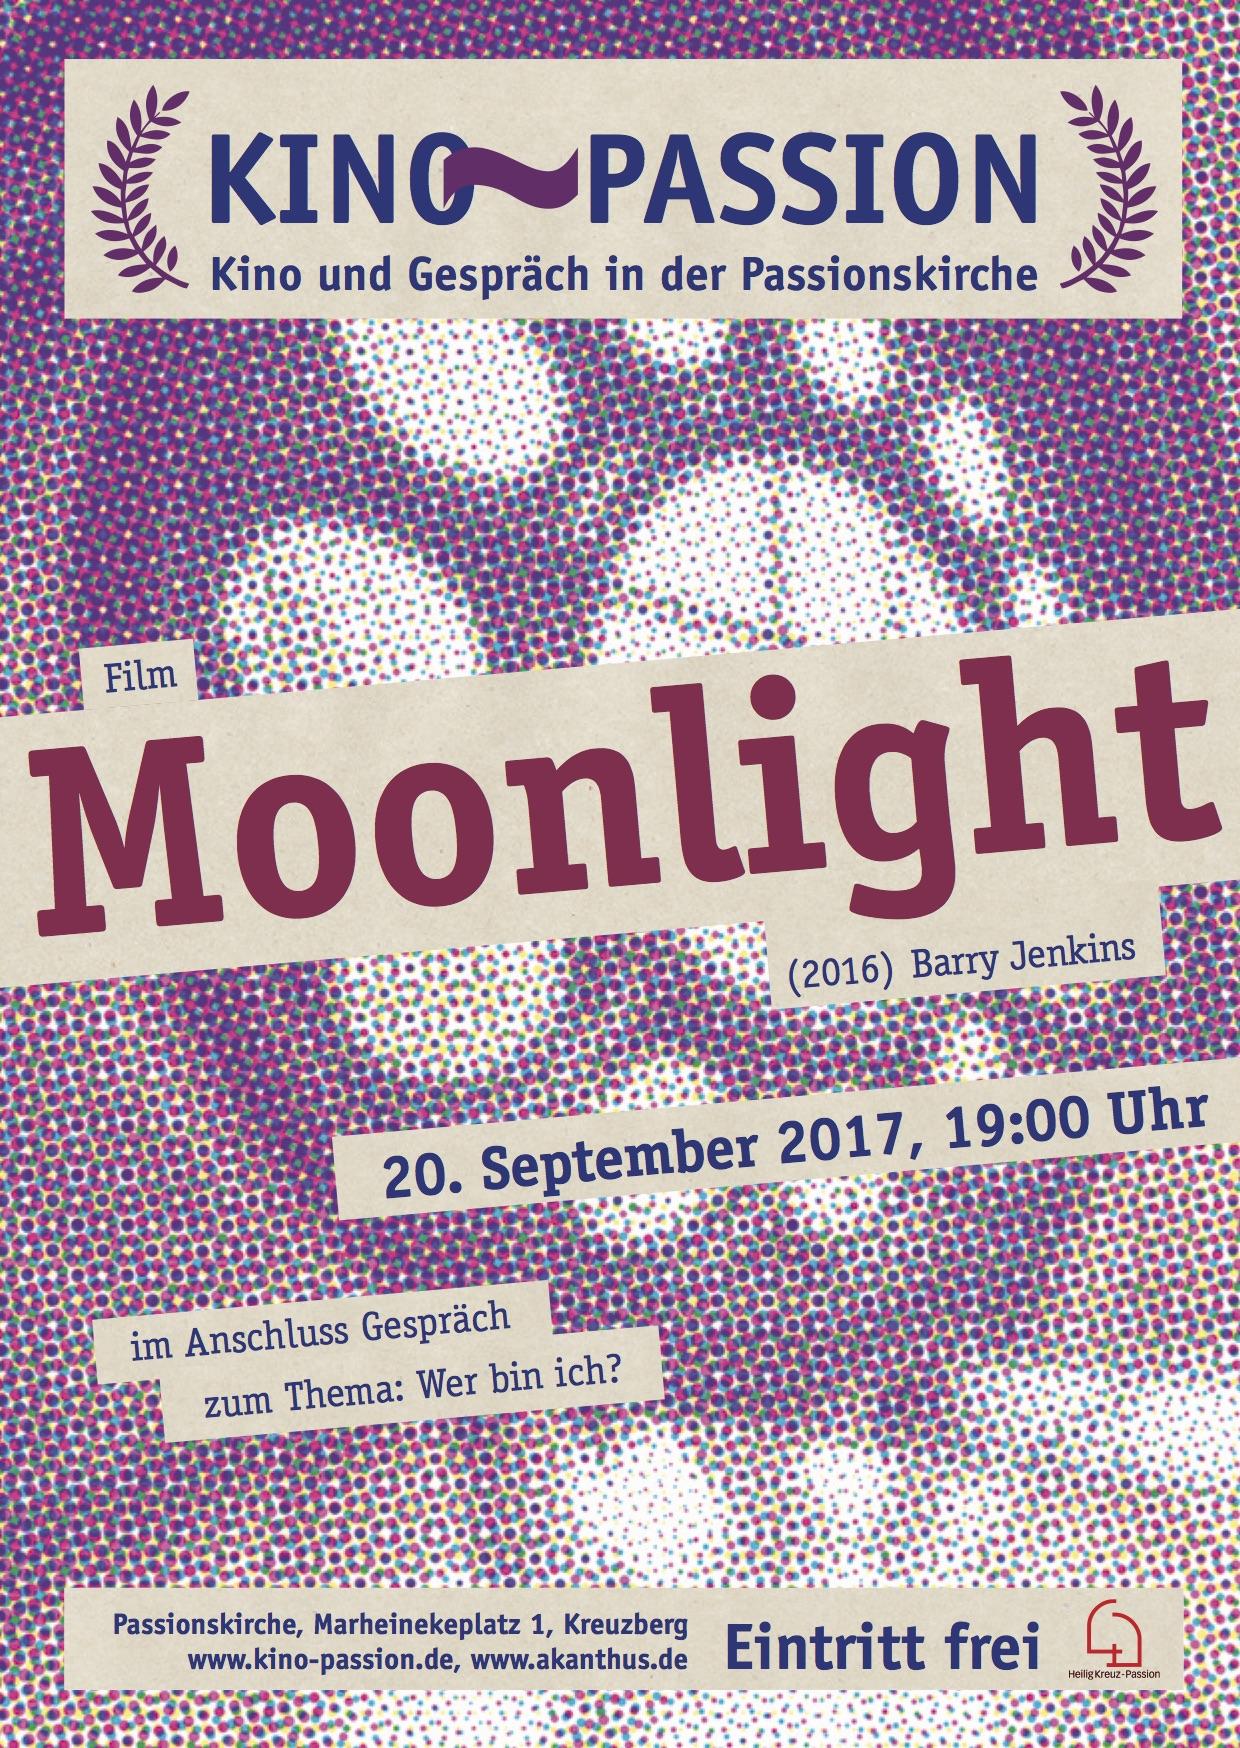 70_Kino_Passion_Moonlight.jpg